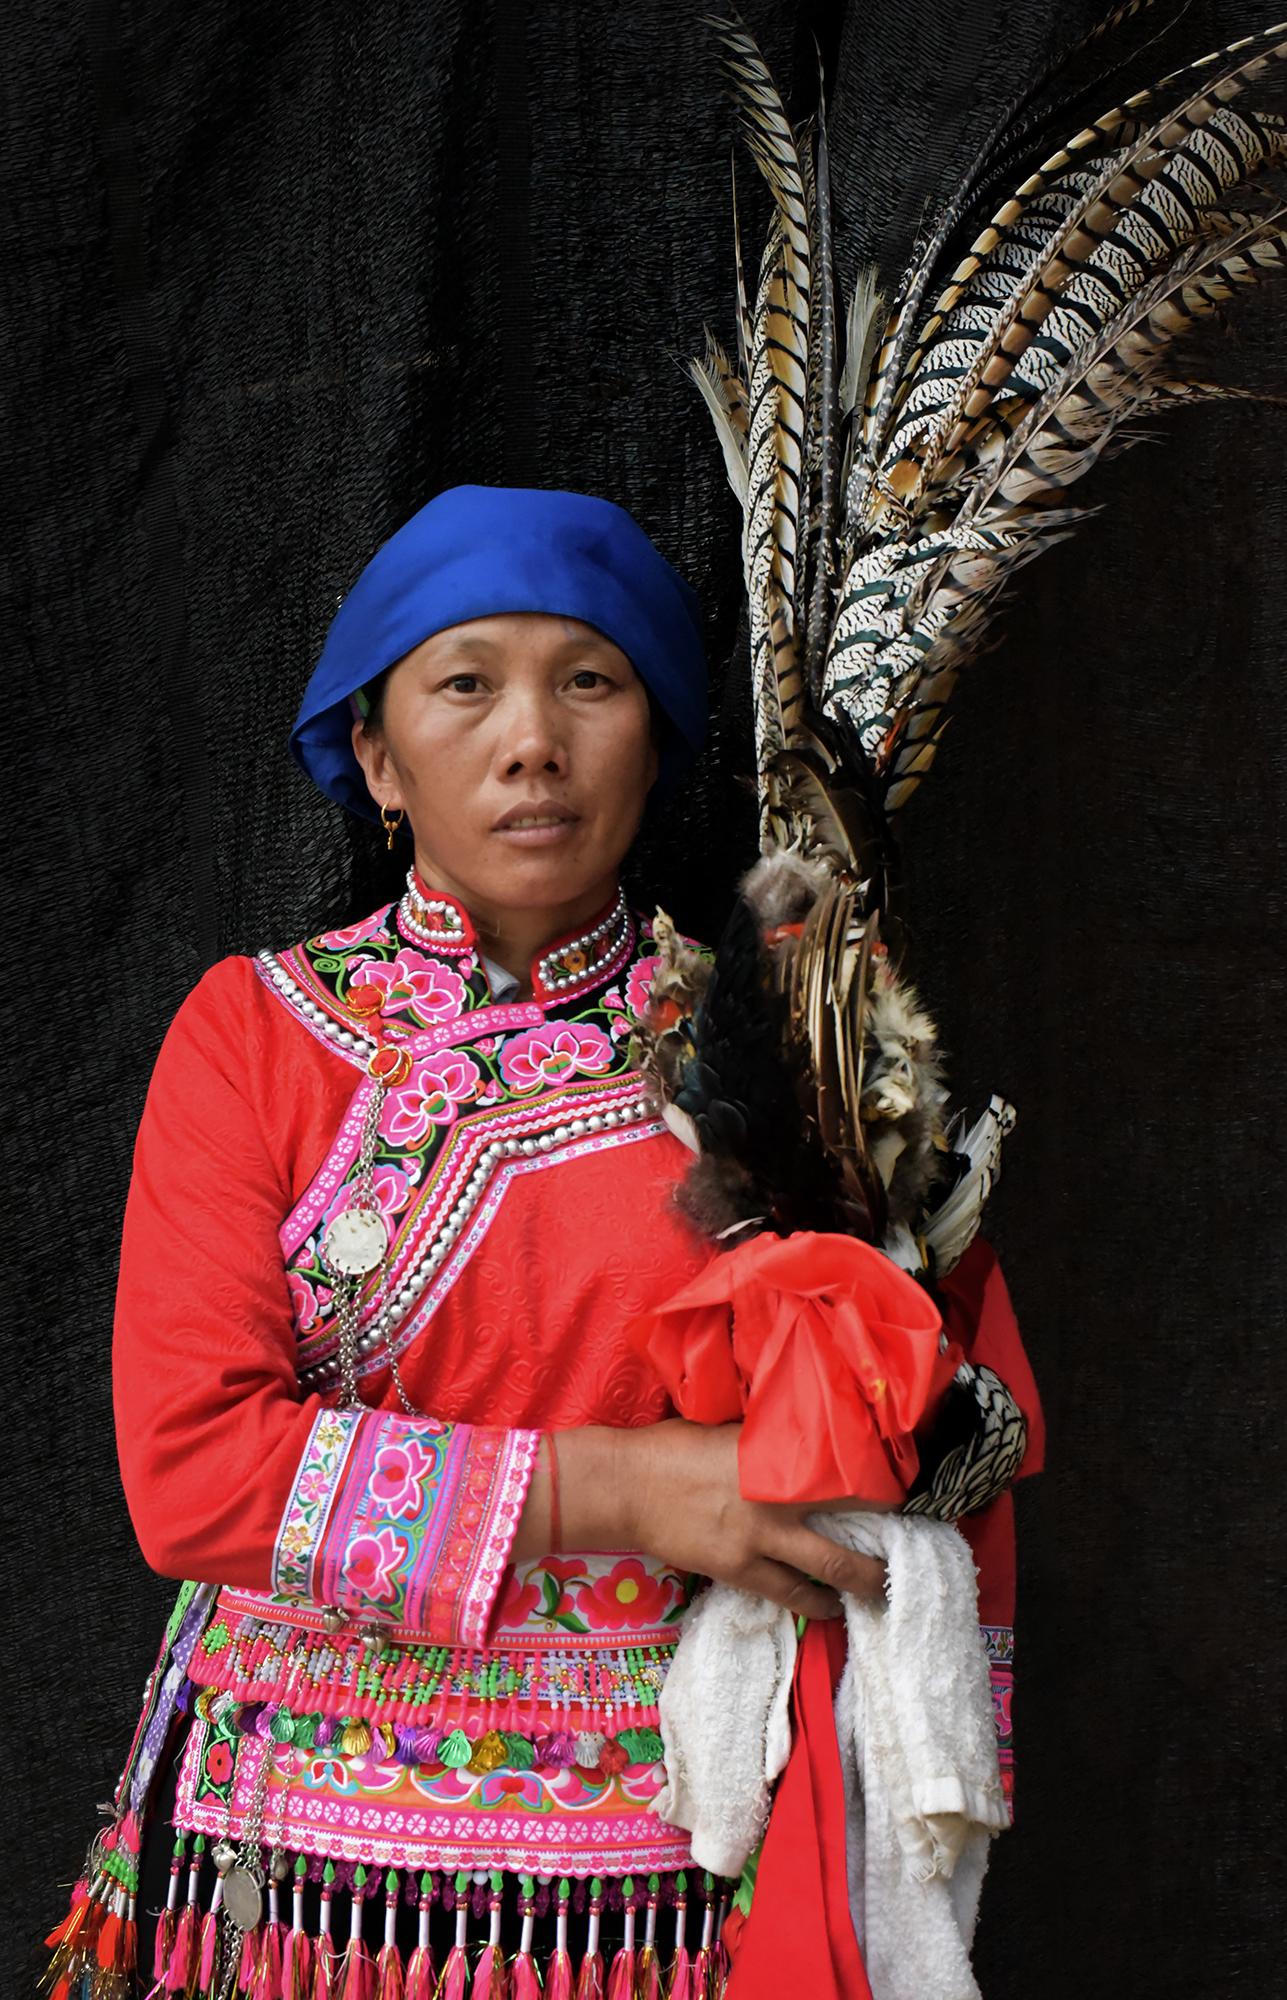 Yi Cheng Ying